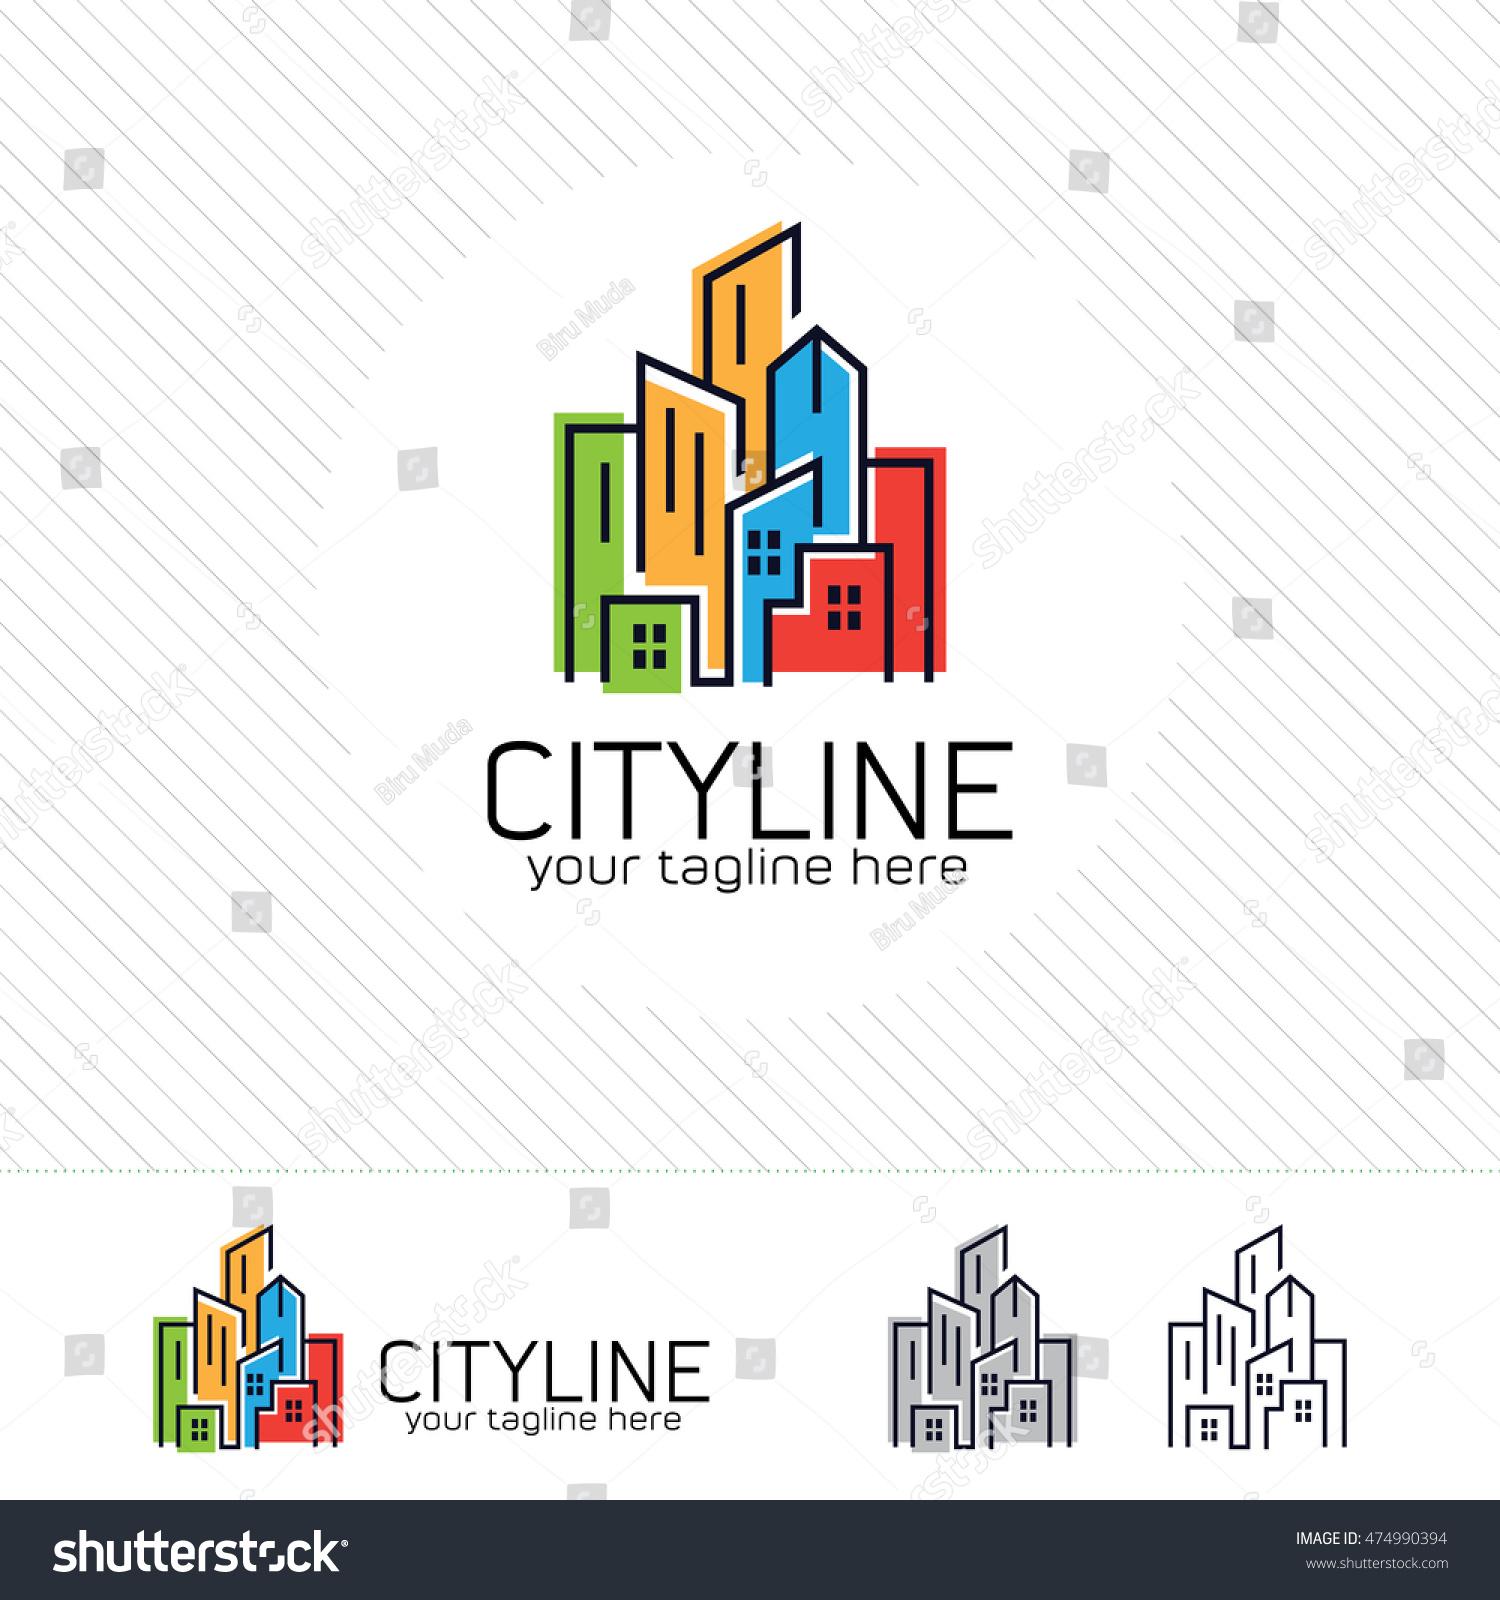 Abstract city building logo design concept stock vector for Apartment logo design